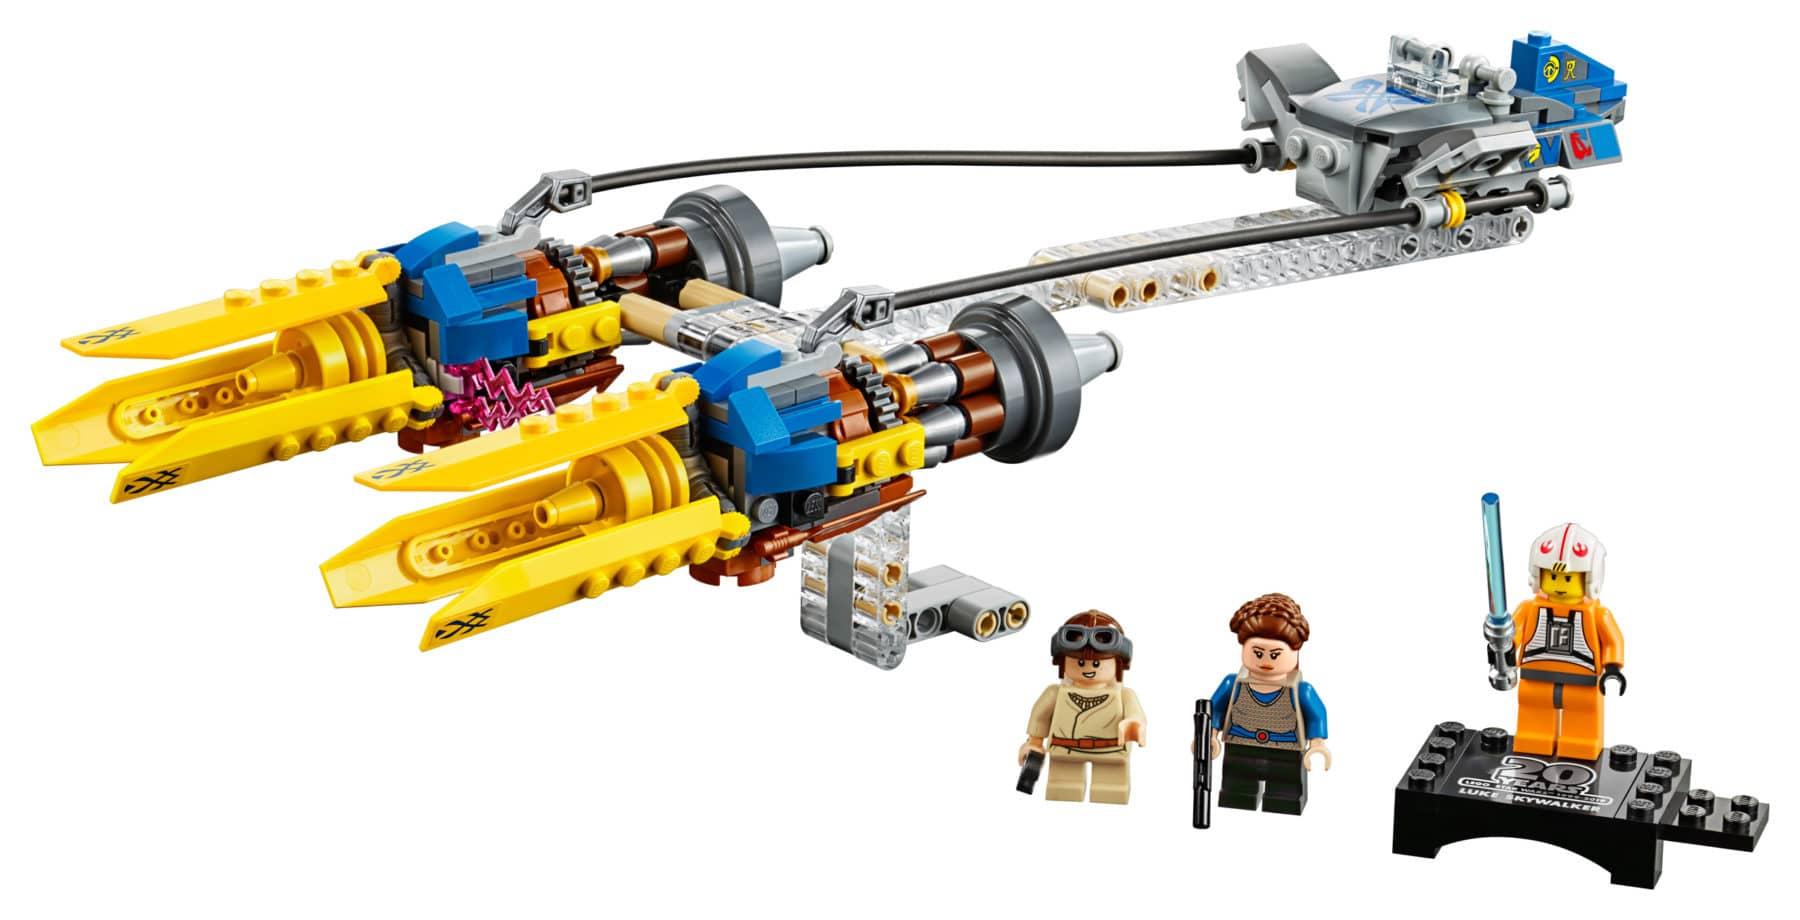 LEGO Star Wars 75258 Anankins Podracer